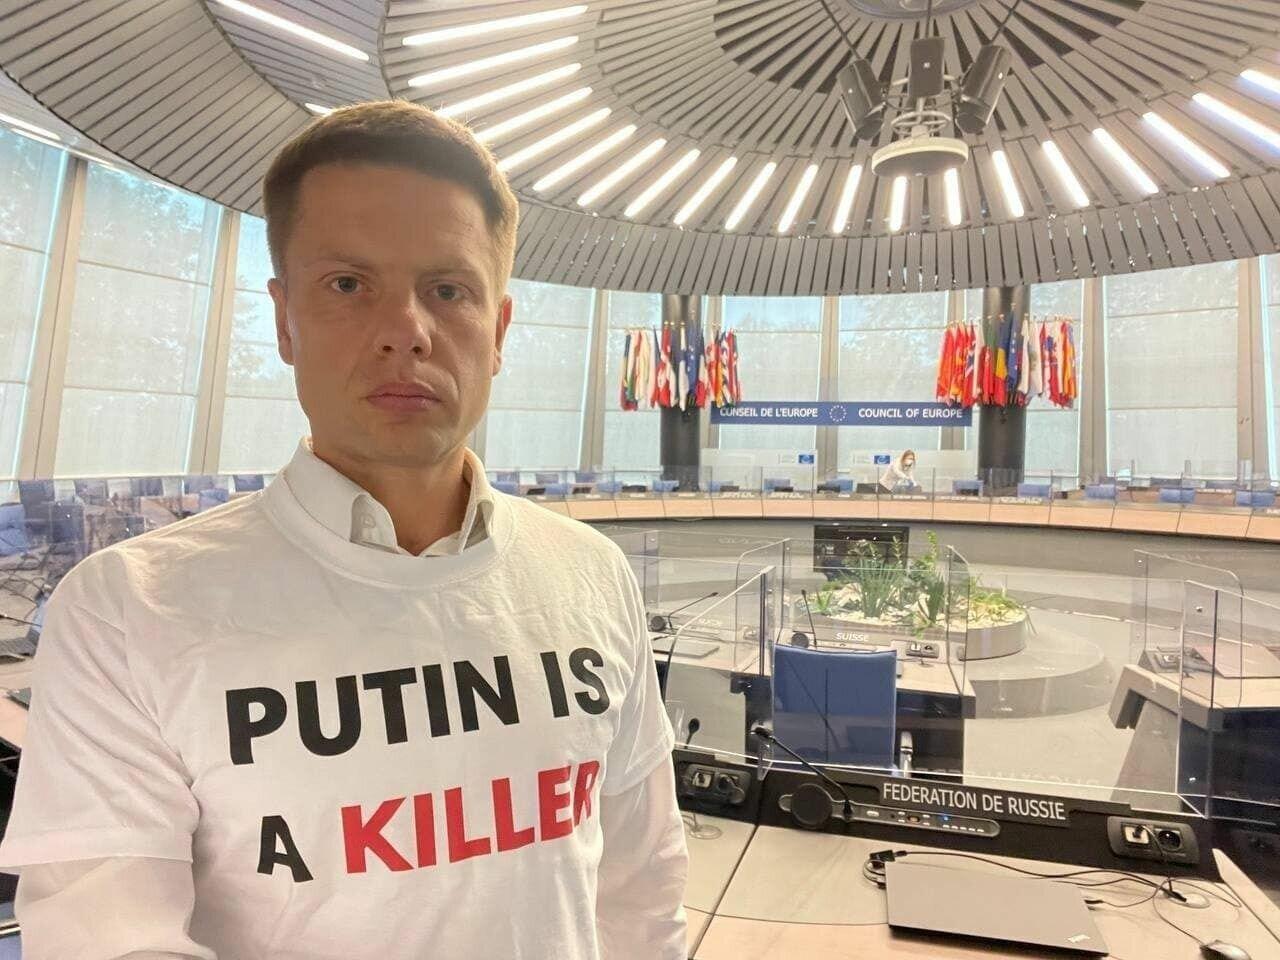 """Гончаренко в футболці """"Путін вбивця""""."""